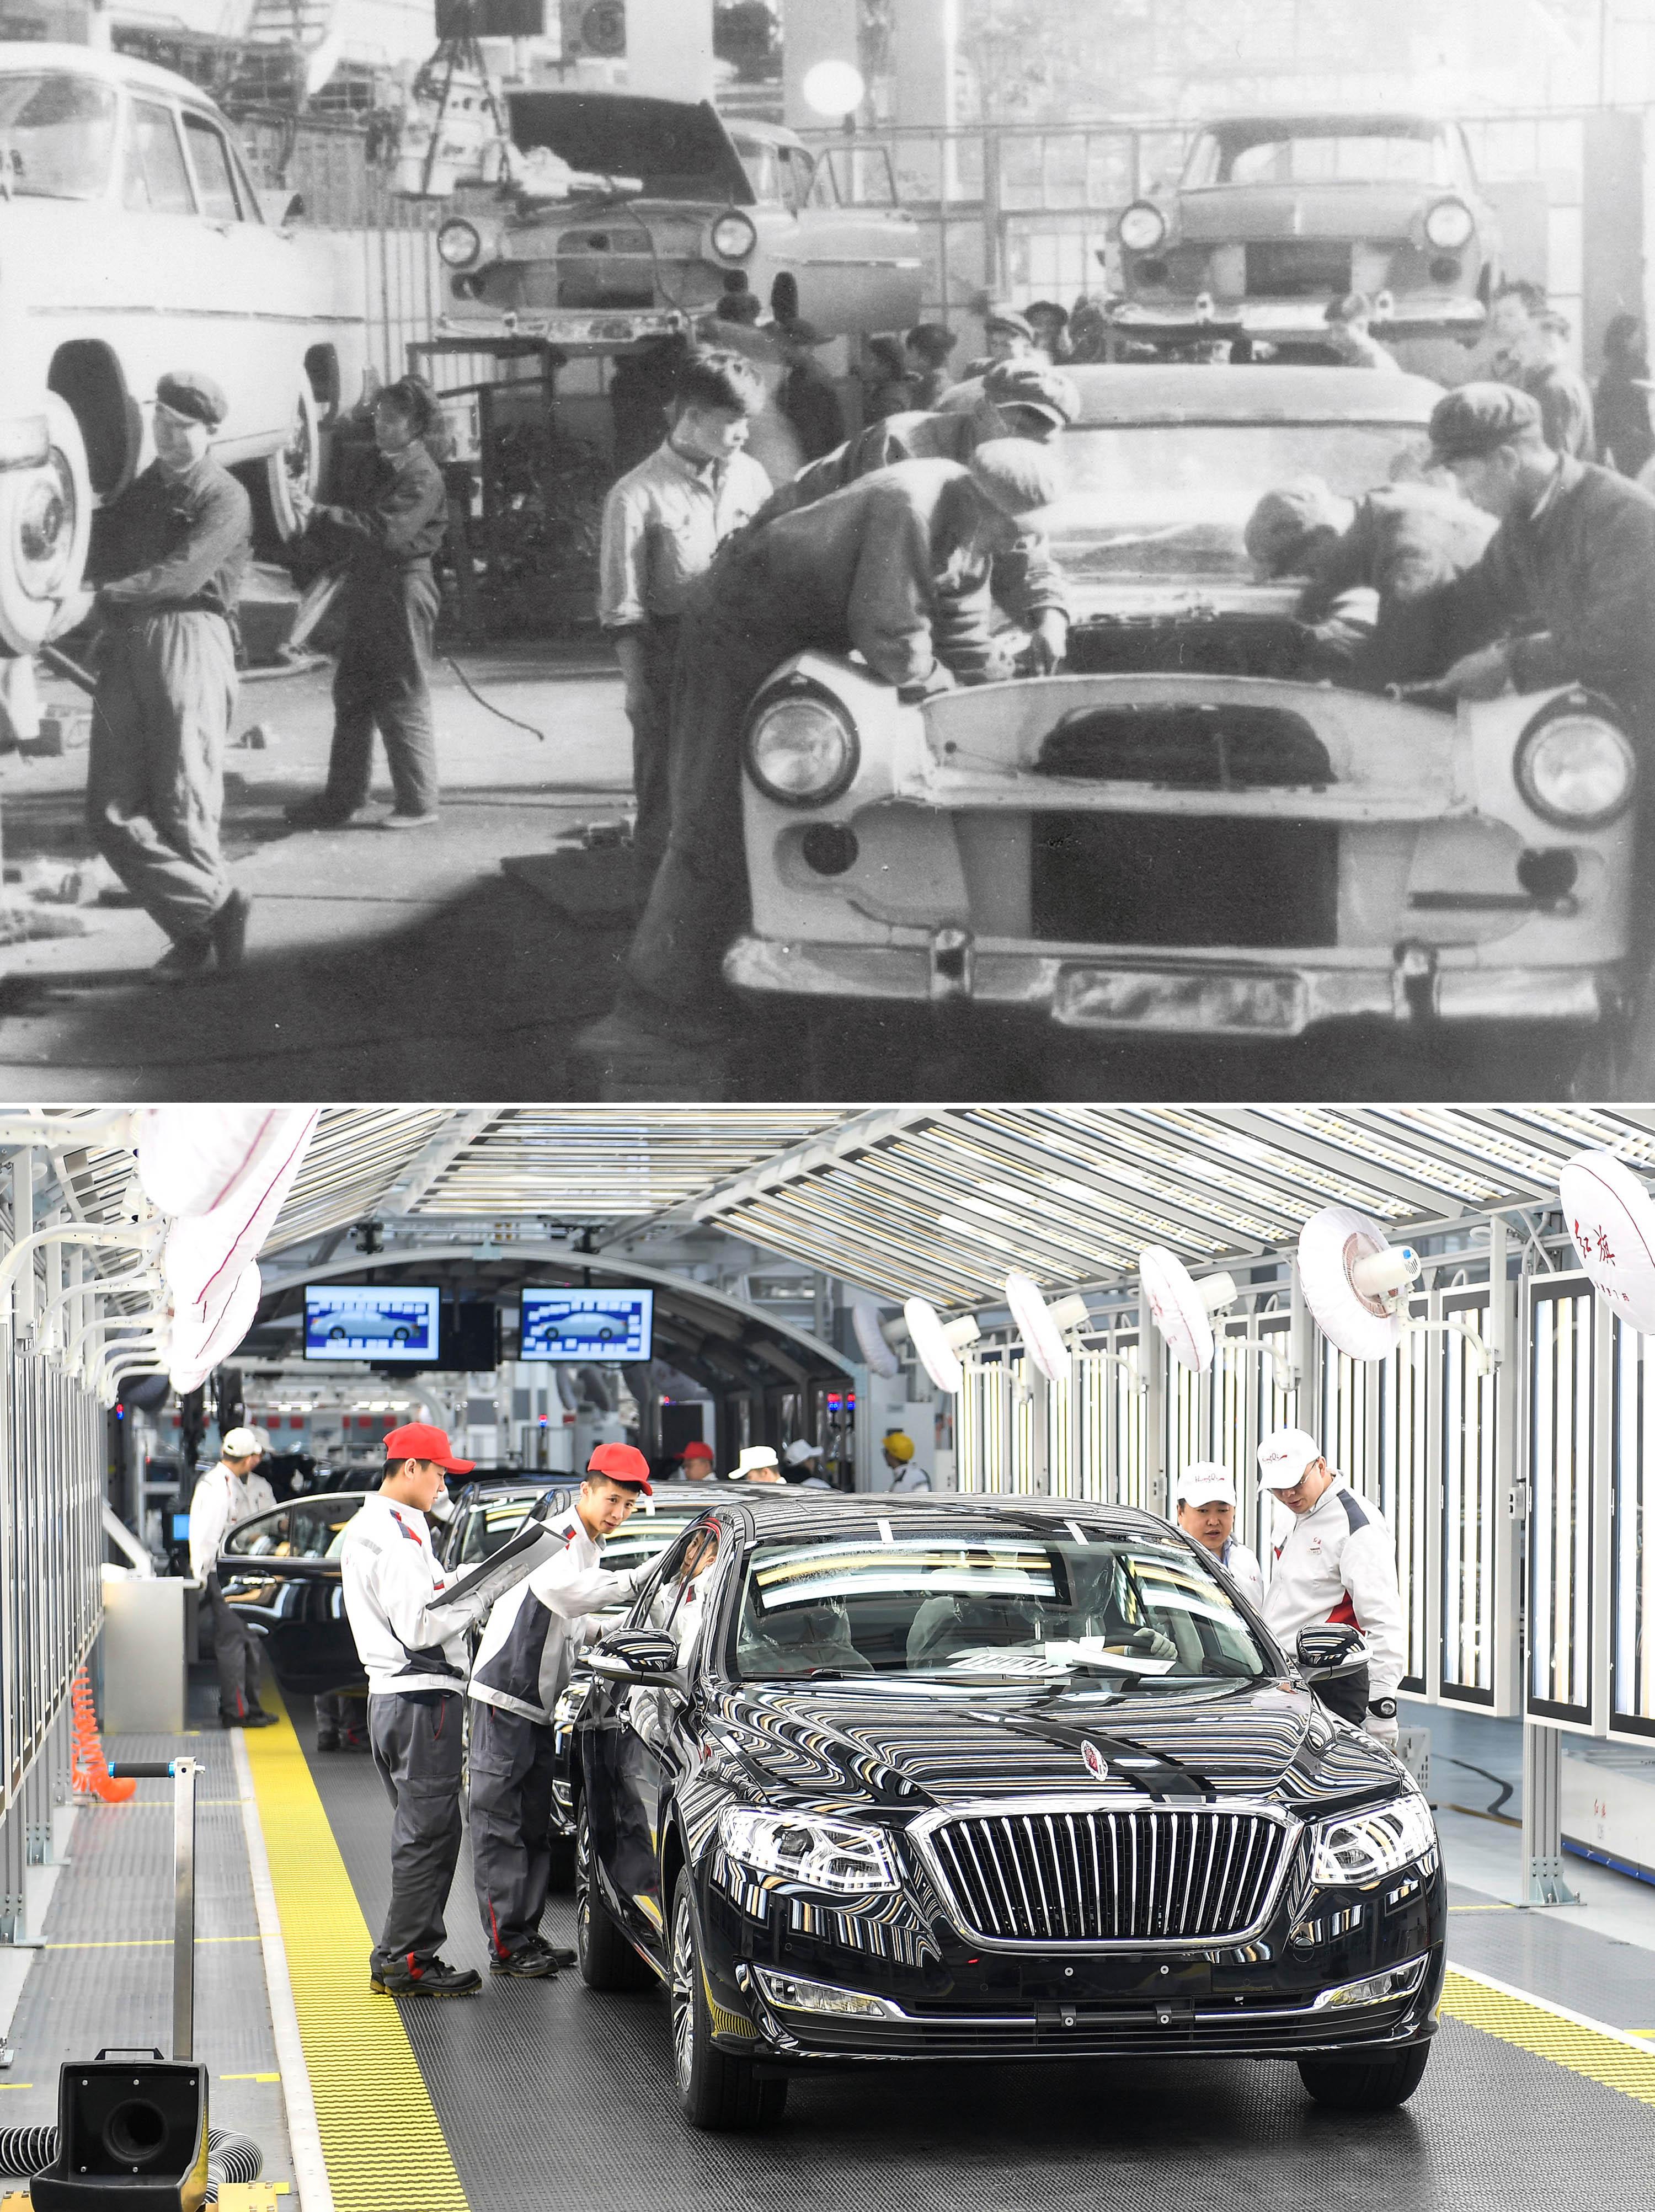 拼版照片:上图为1958年拍摄的第一汽车制造厂(资料照片)。这里生产了第一批红旗轿车;下图为2019年4月9日,在一汽红旗总装车间内,职工在对生产的红旗轿车进行静检作业。